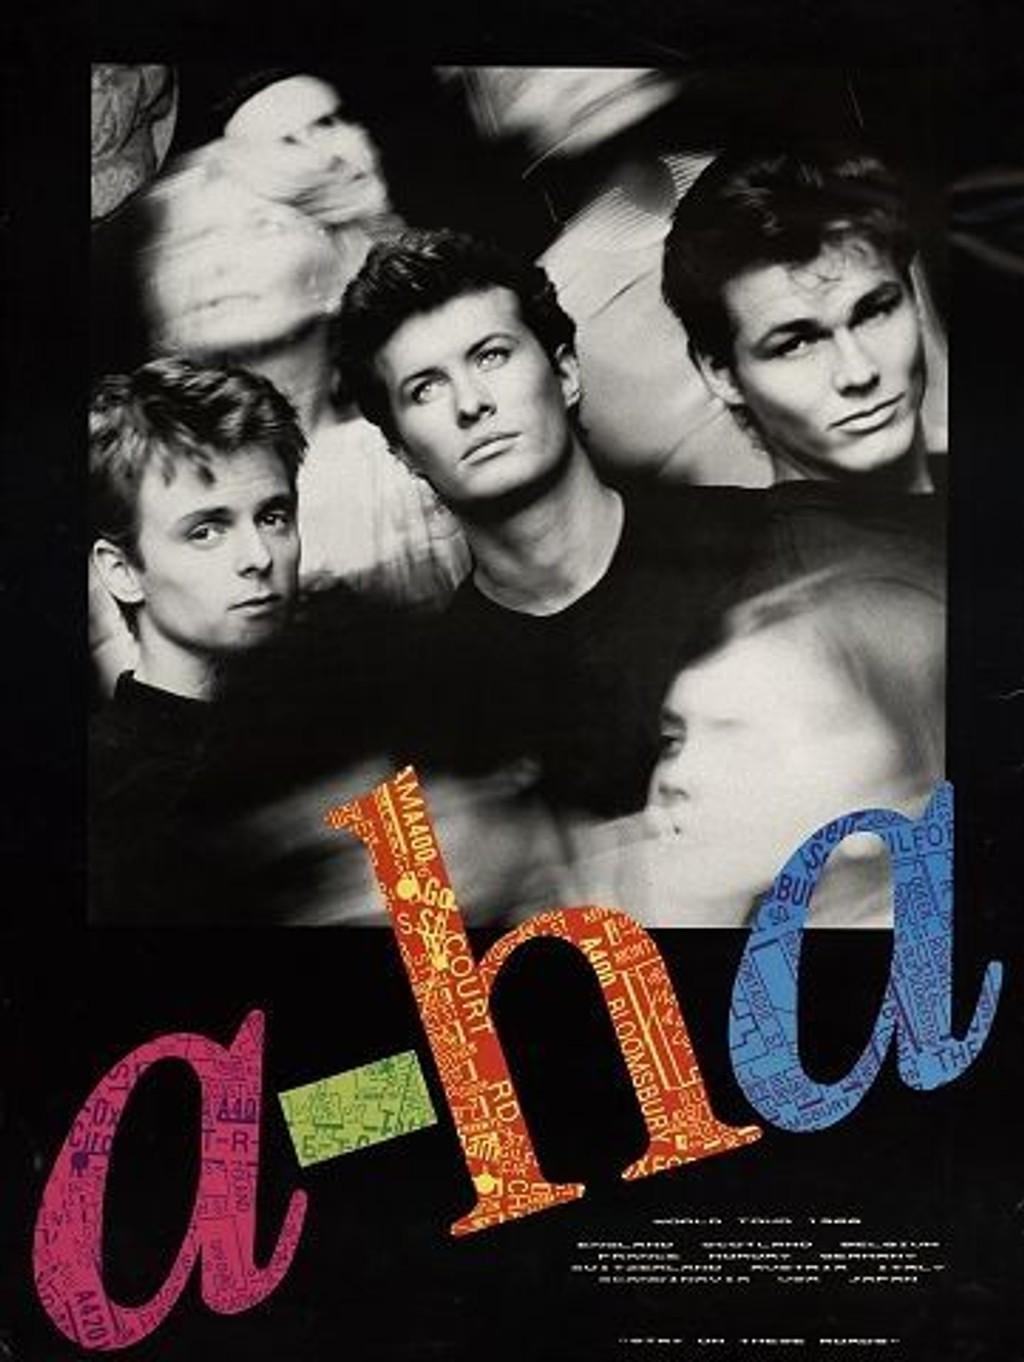 I 1985 gikk a-ha til topps på amerikanske Billboard med Take on me . Siden den gang har de ni studioalbum, 35 millioner solgte, turneer på fem kontinent, guiness-rekord og utallige topplasseringer verden over å se tilbake på.